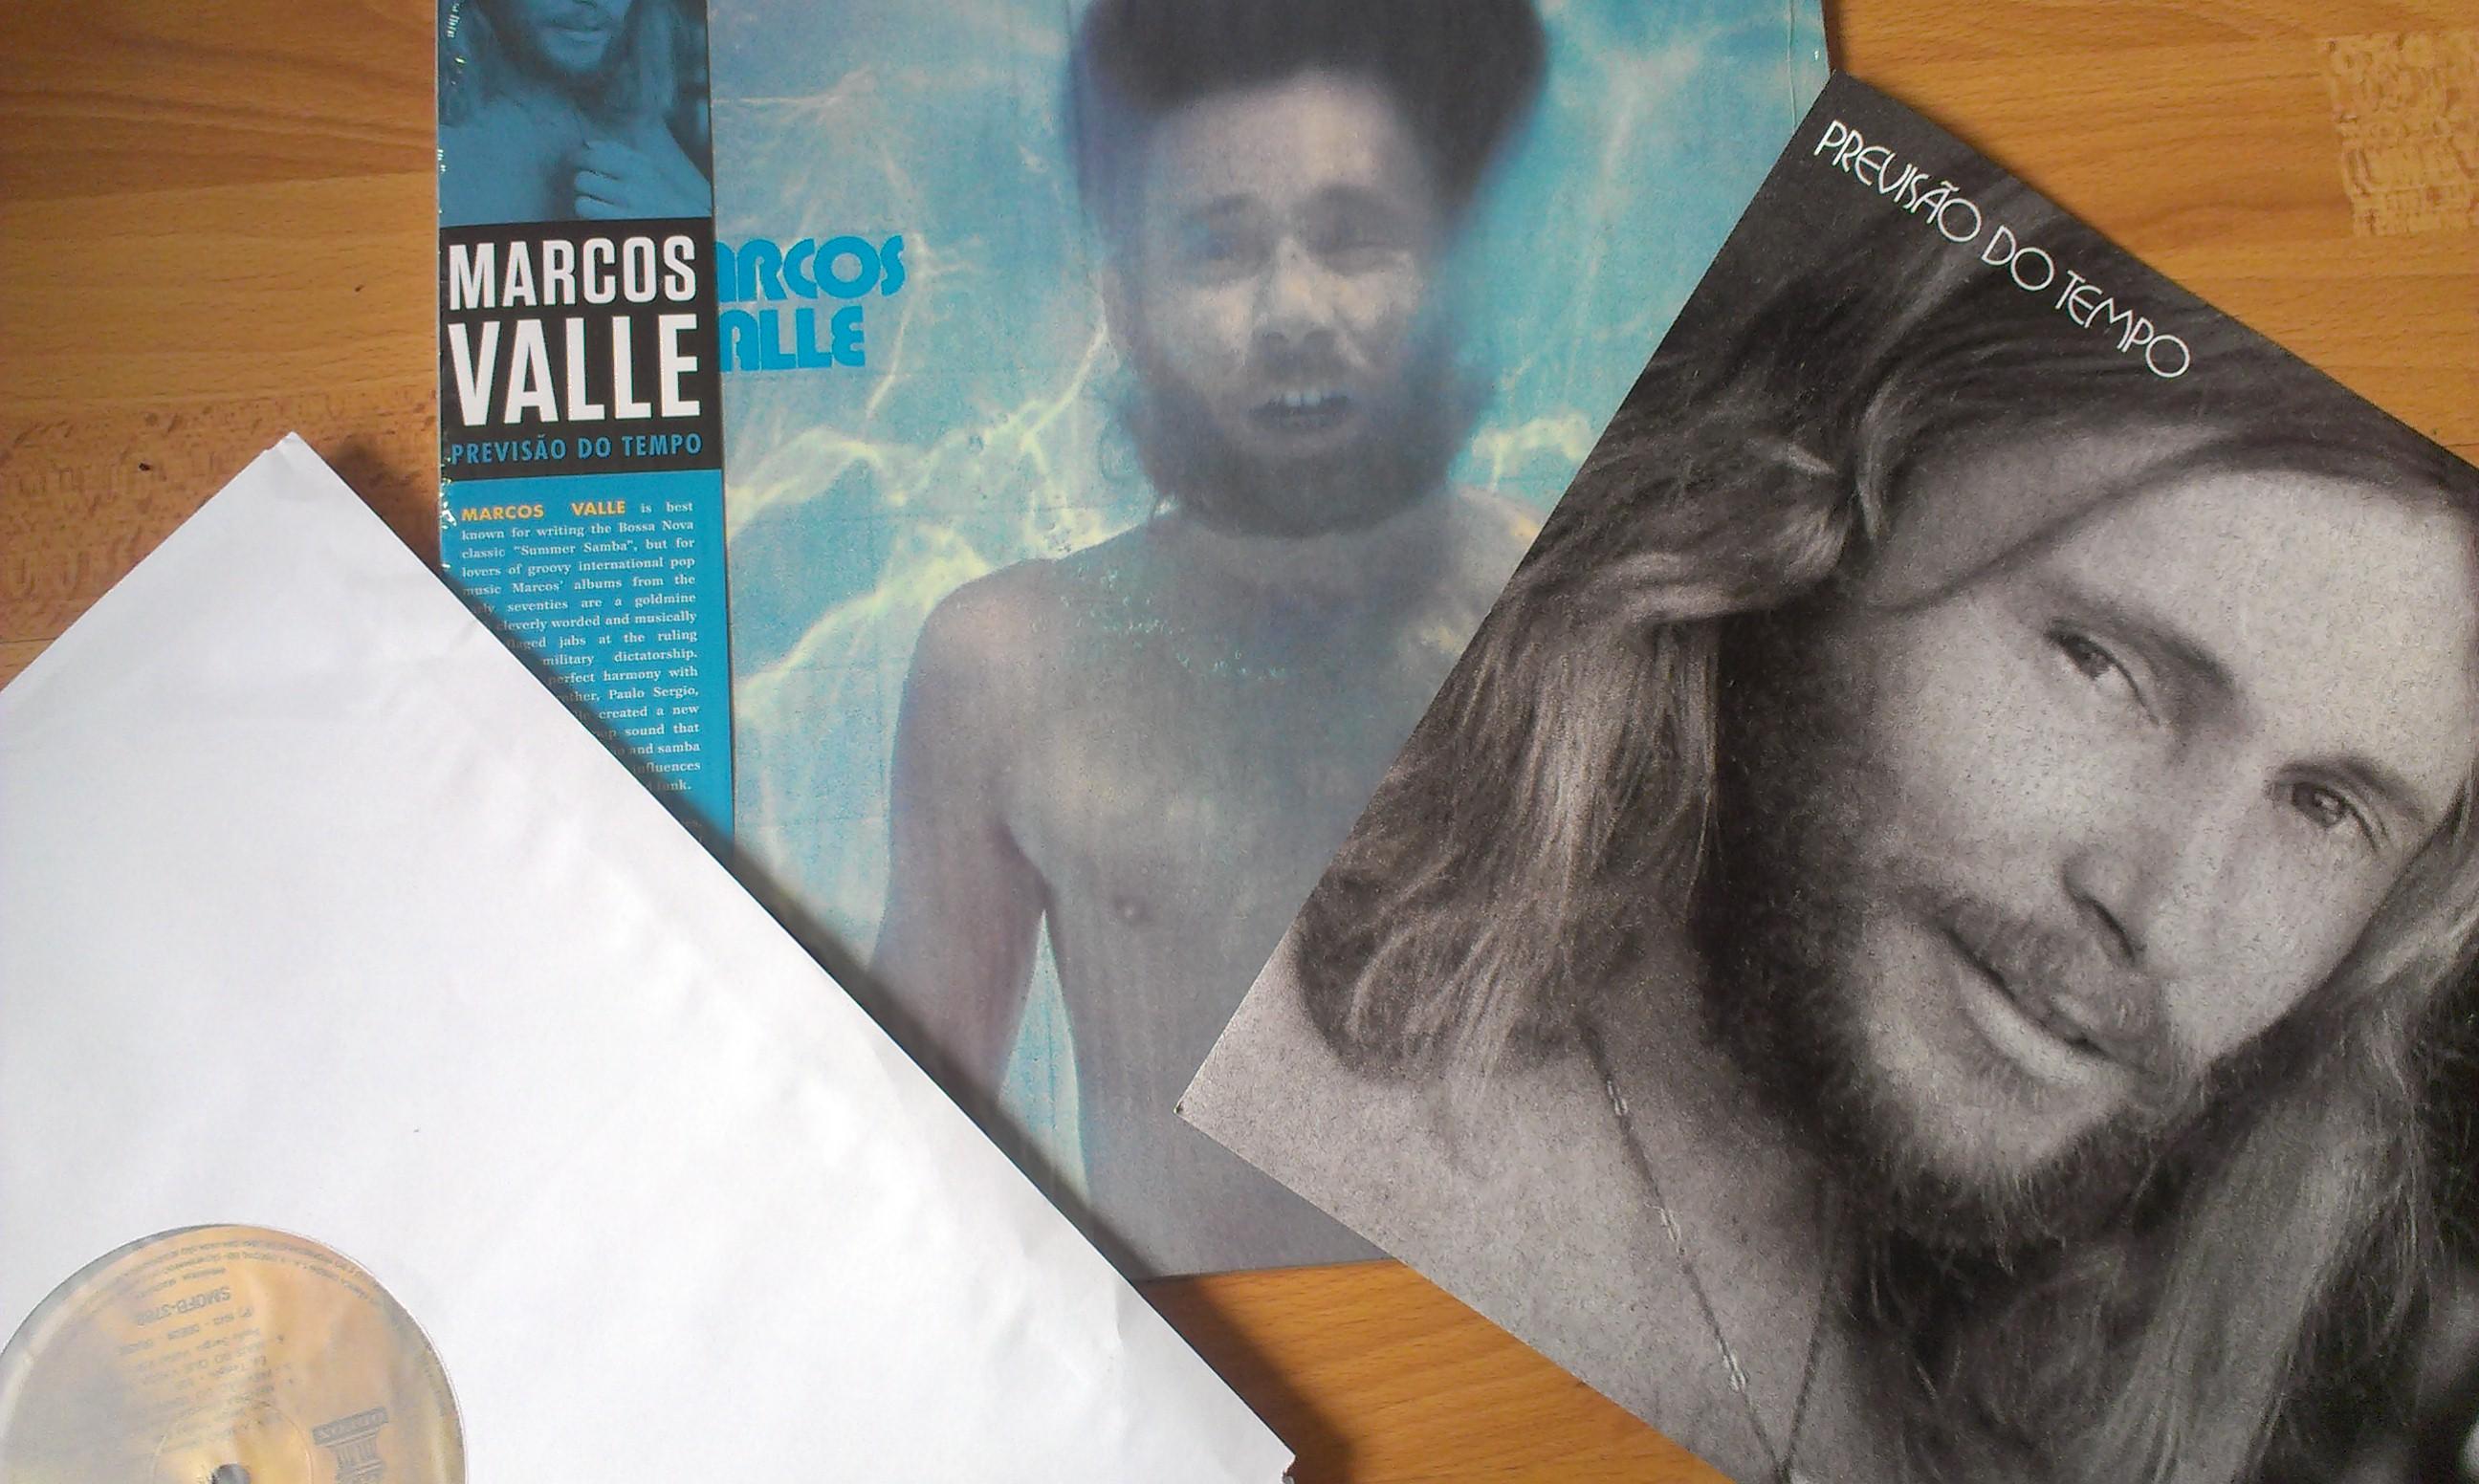 Marcos Vallé – Previsão do Tempo Vinyl Reissue